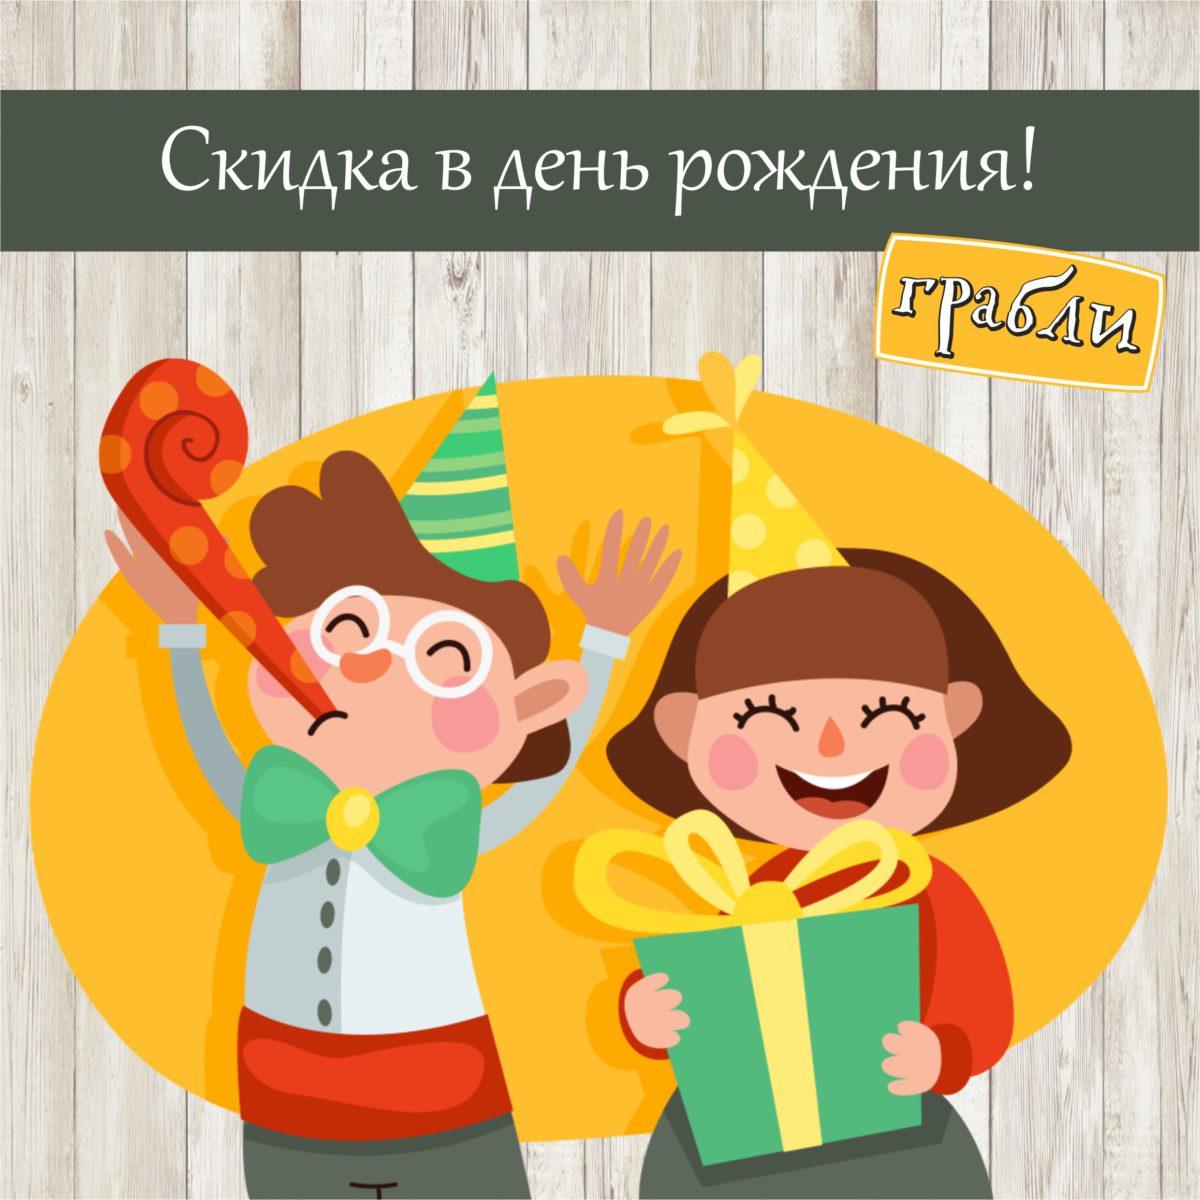 «Грабли» в Воронеже! Скидка 25% именинникам!